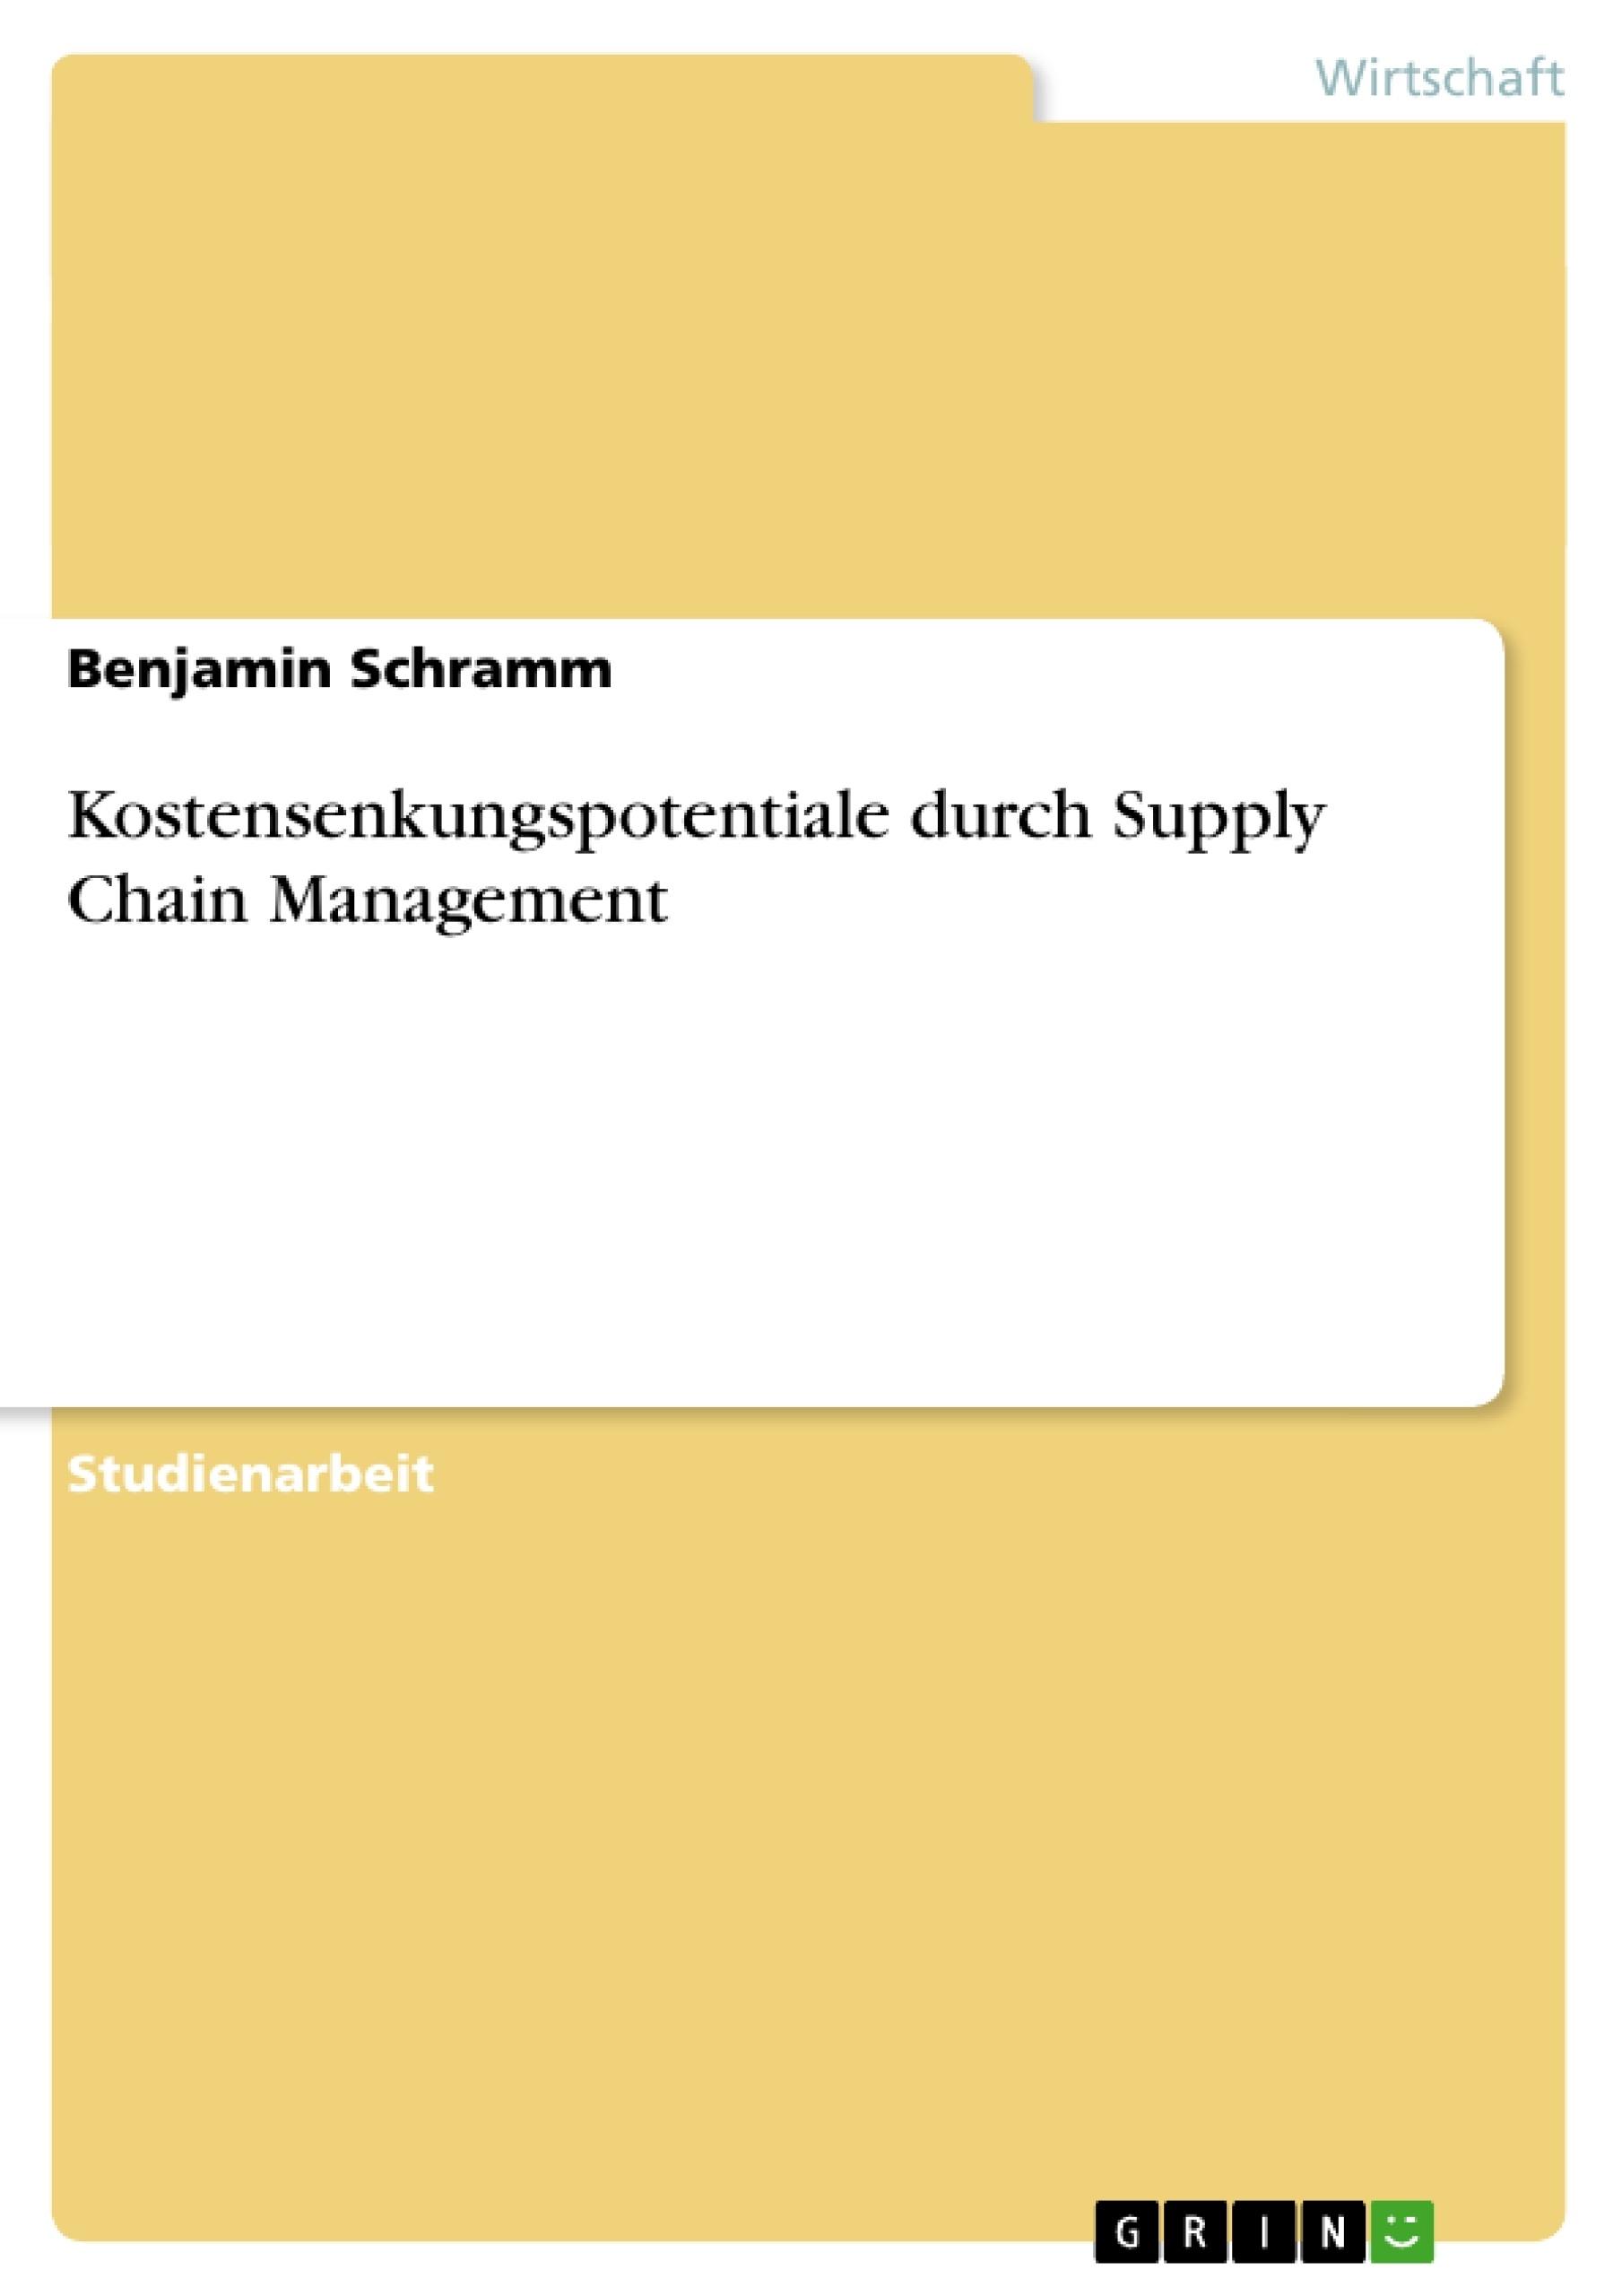 Titel: Kostensenkungspotentiale durch Supply Chain Management